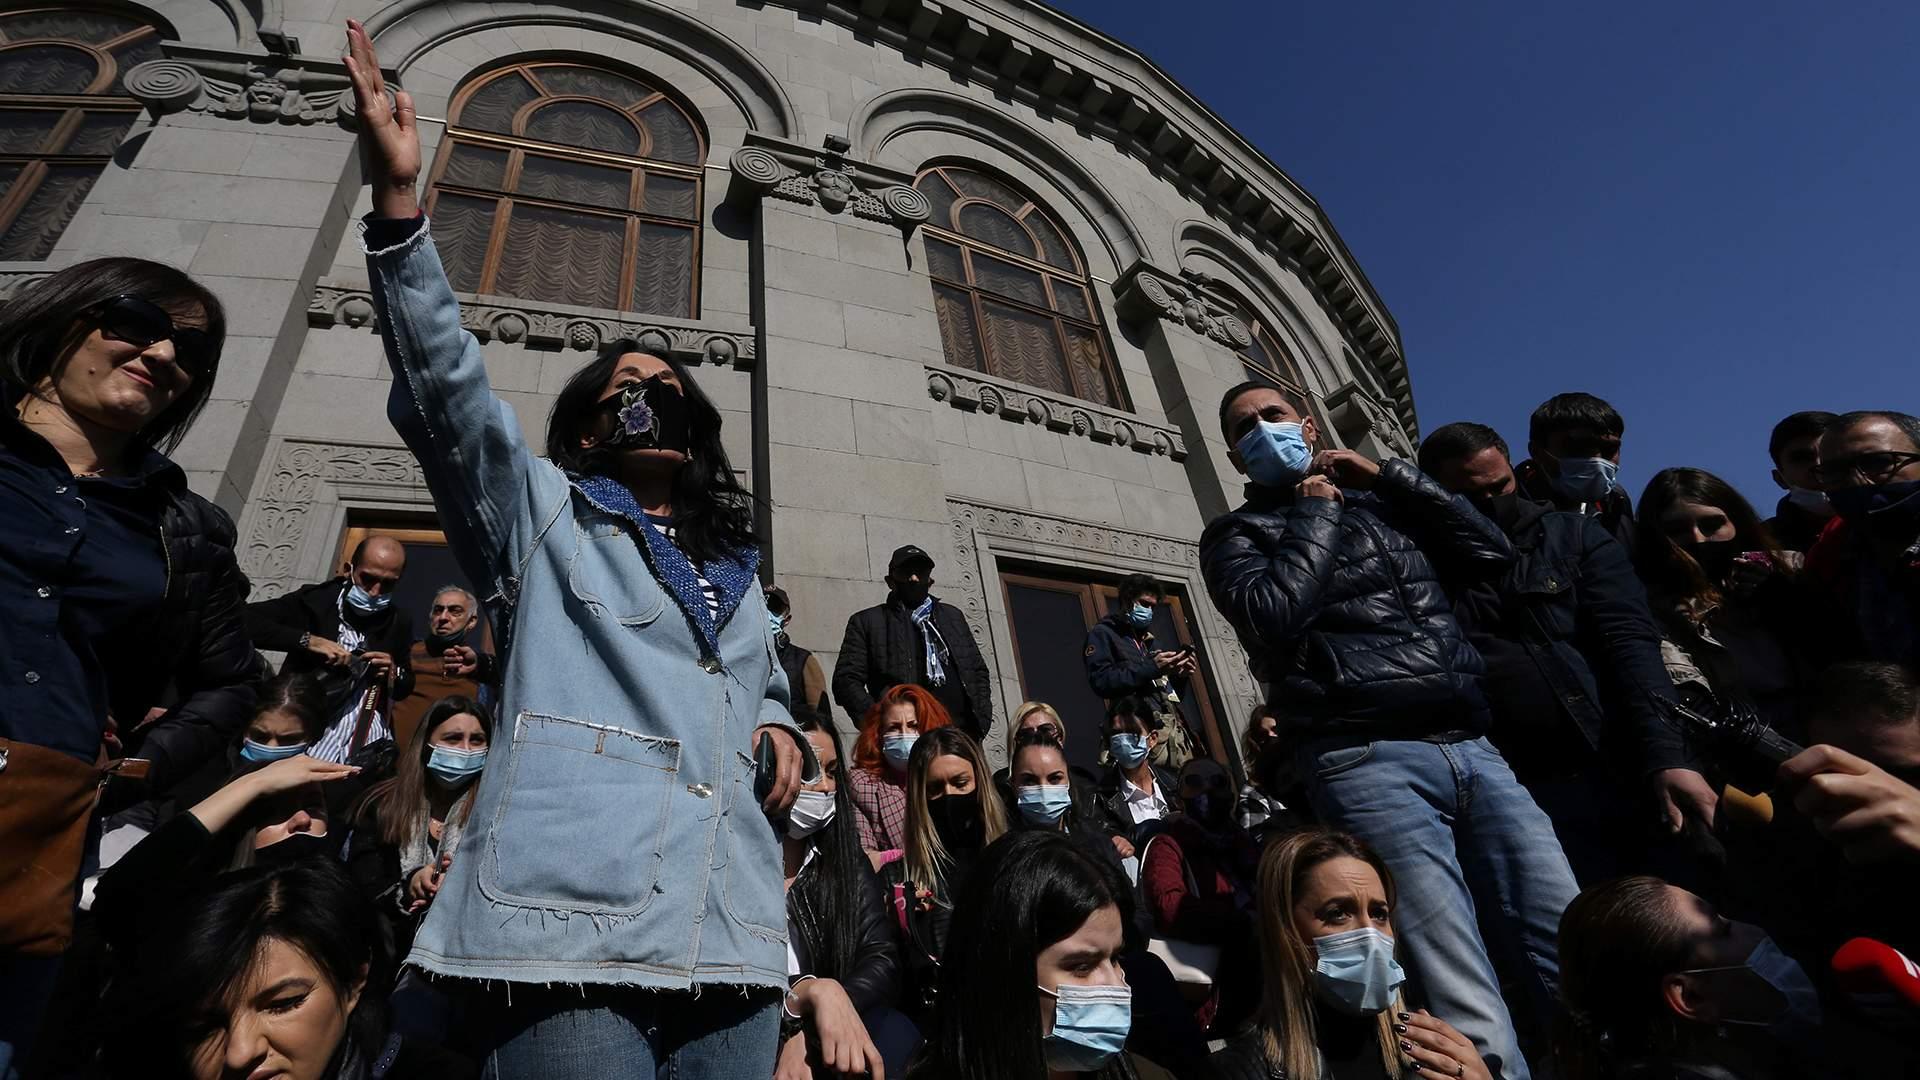 Бунт неосмысленный: как Ереван переживает окончание войны в Карабахе | Статьи | Известия